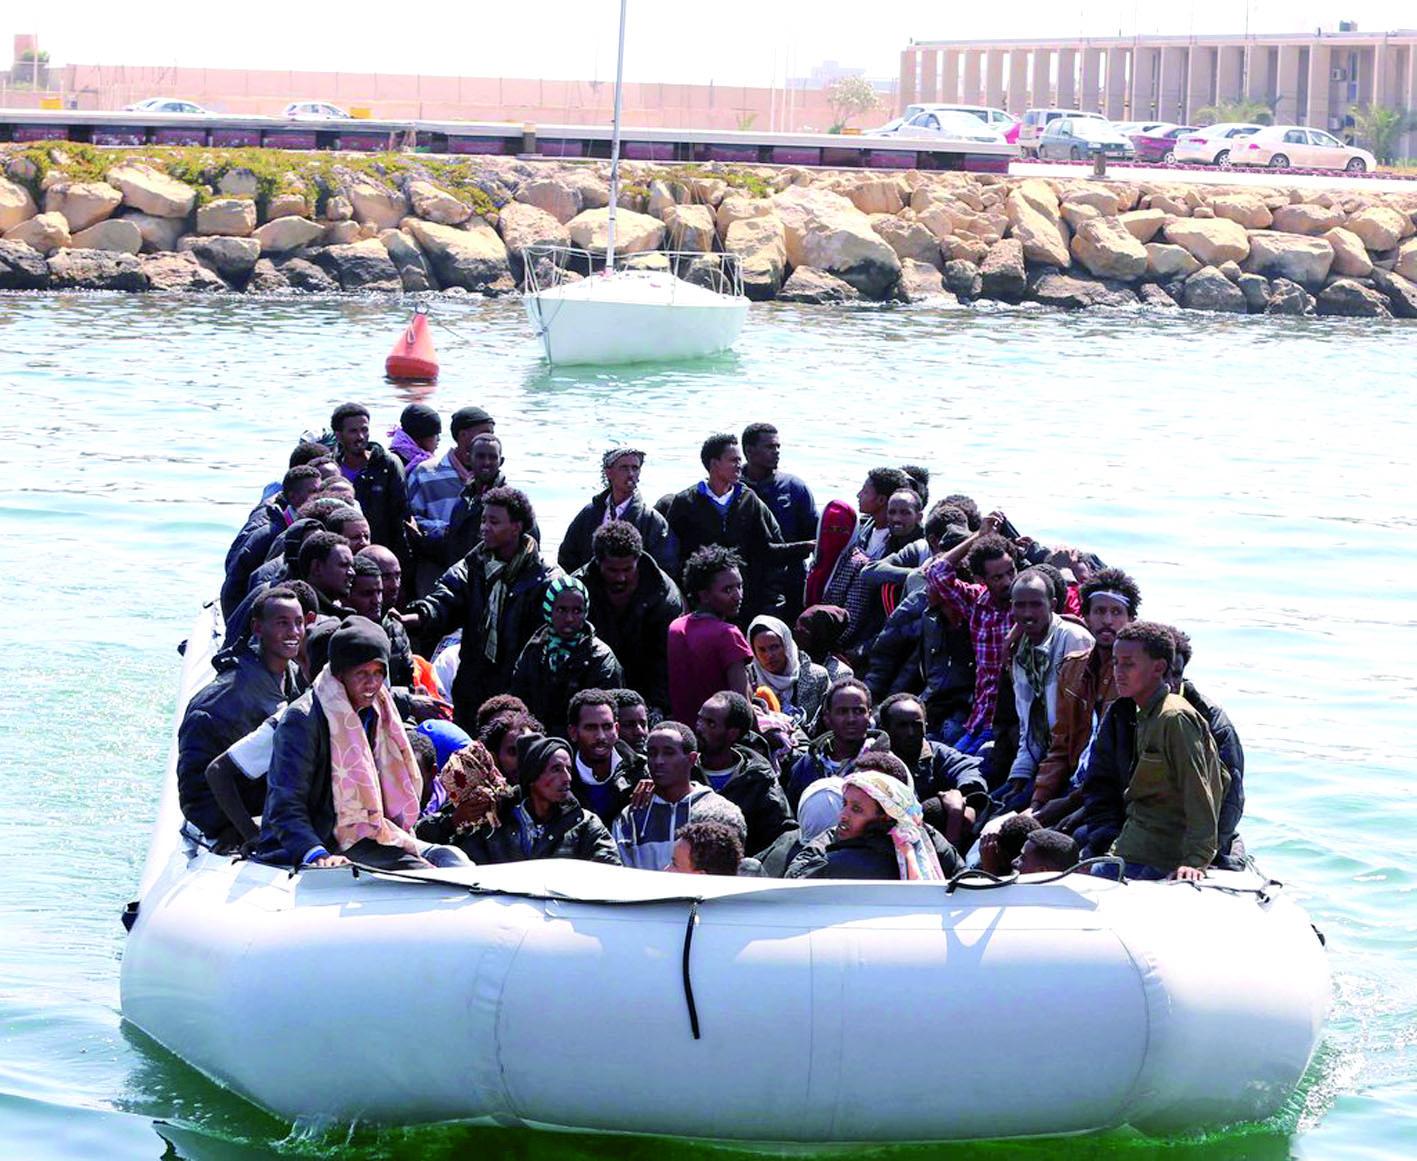 Des migrants périssent dans le naufrage d'un  bateau pneumatique au large des côtes libyennes